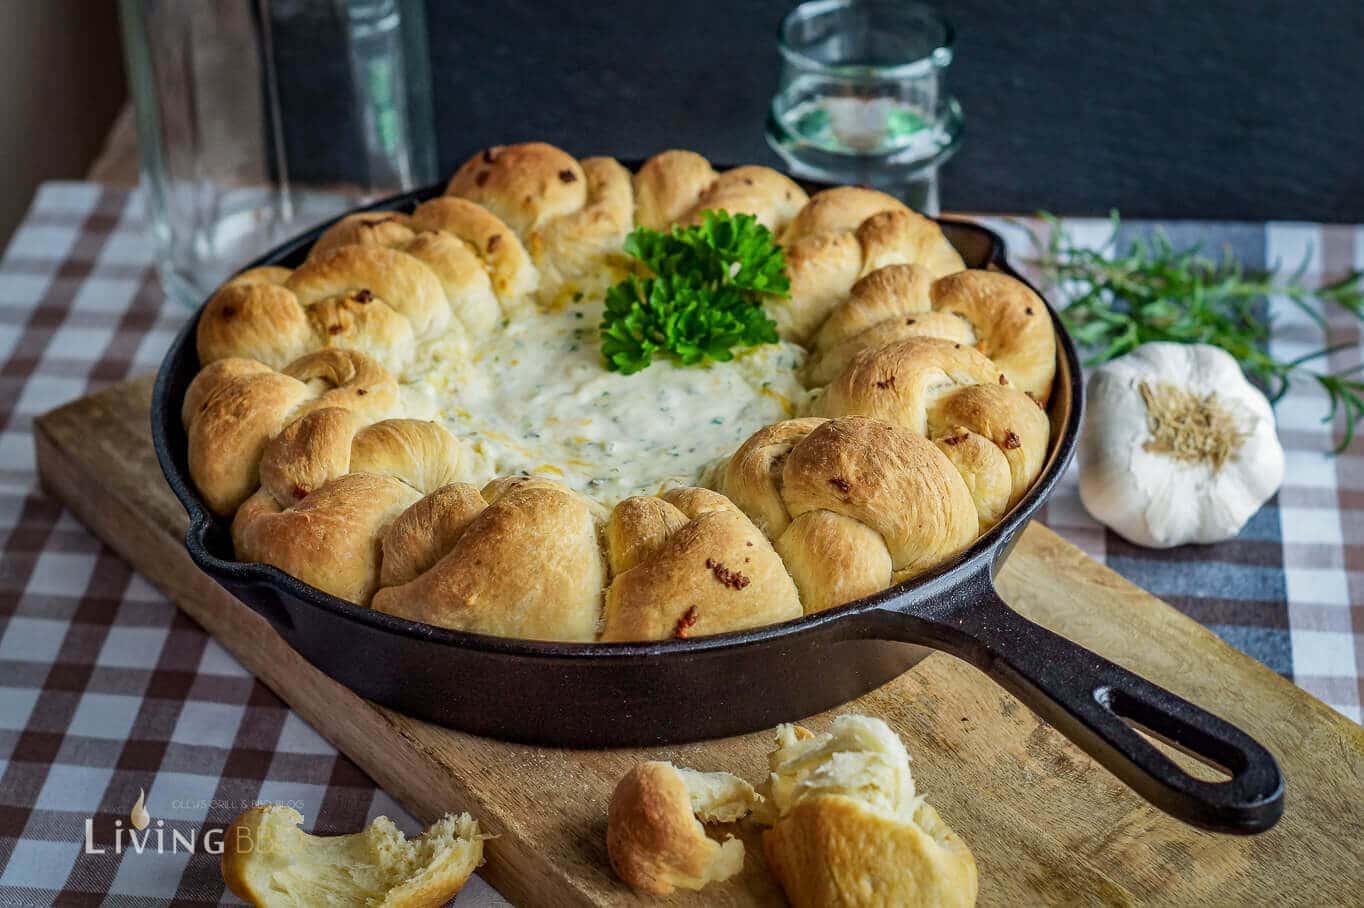 Garlic Herb Knots grillrezepte_Garlic Herb Knots Knoblauch Kra  uter Knoten 6 von 8